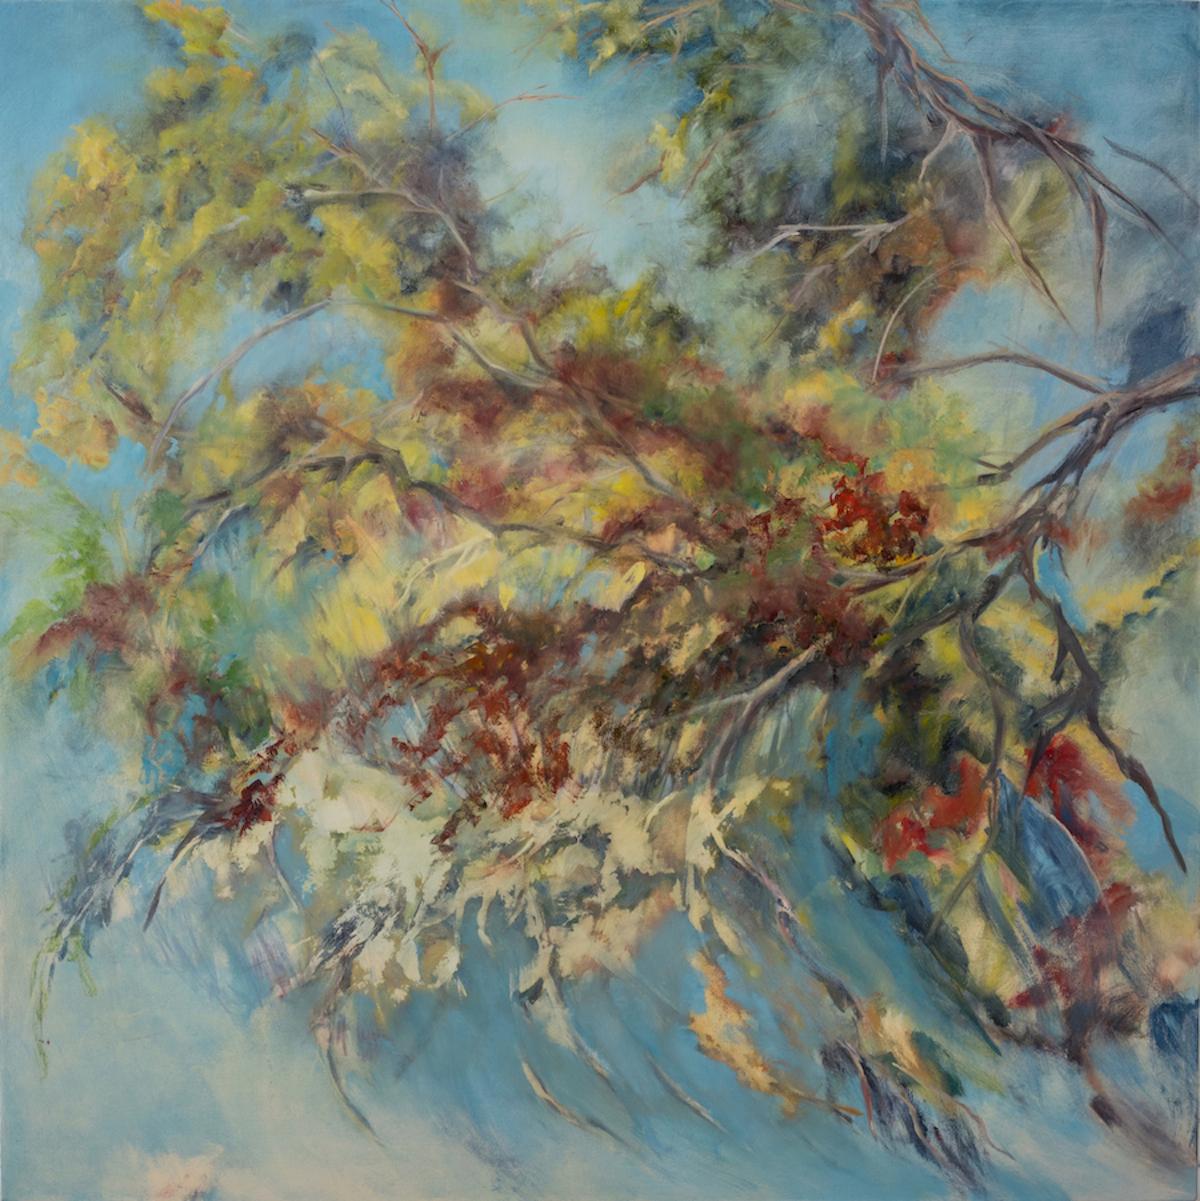 Sorella 2 , 54 x 54 inches, Oil on canvas